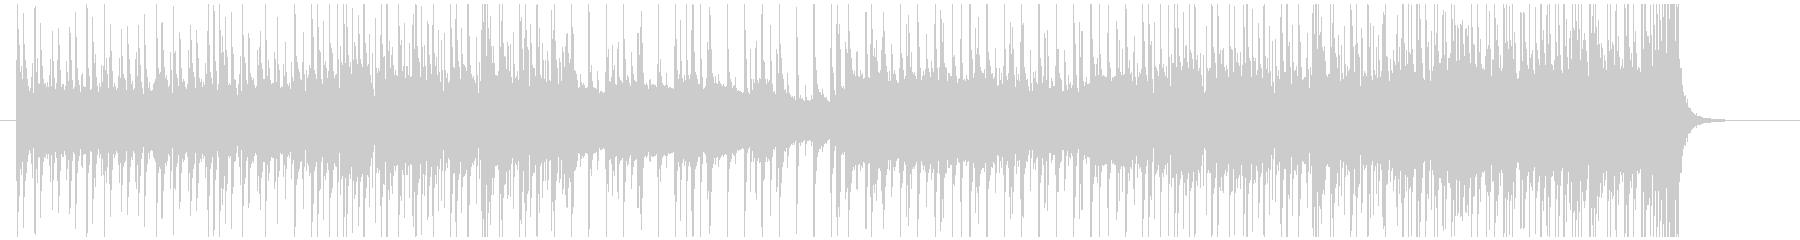 8分の6拍子の津軽三味線ロックの未再生の波形